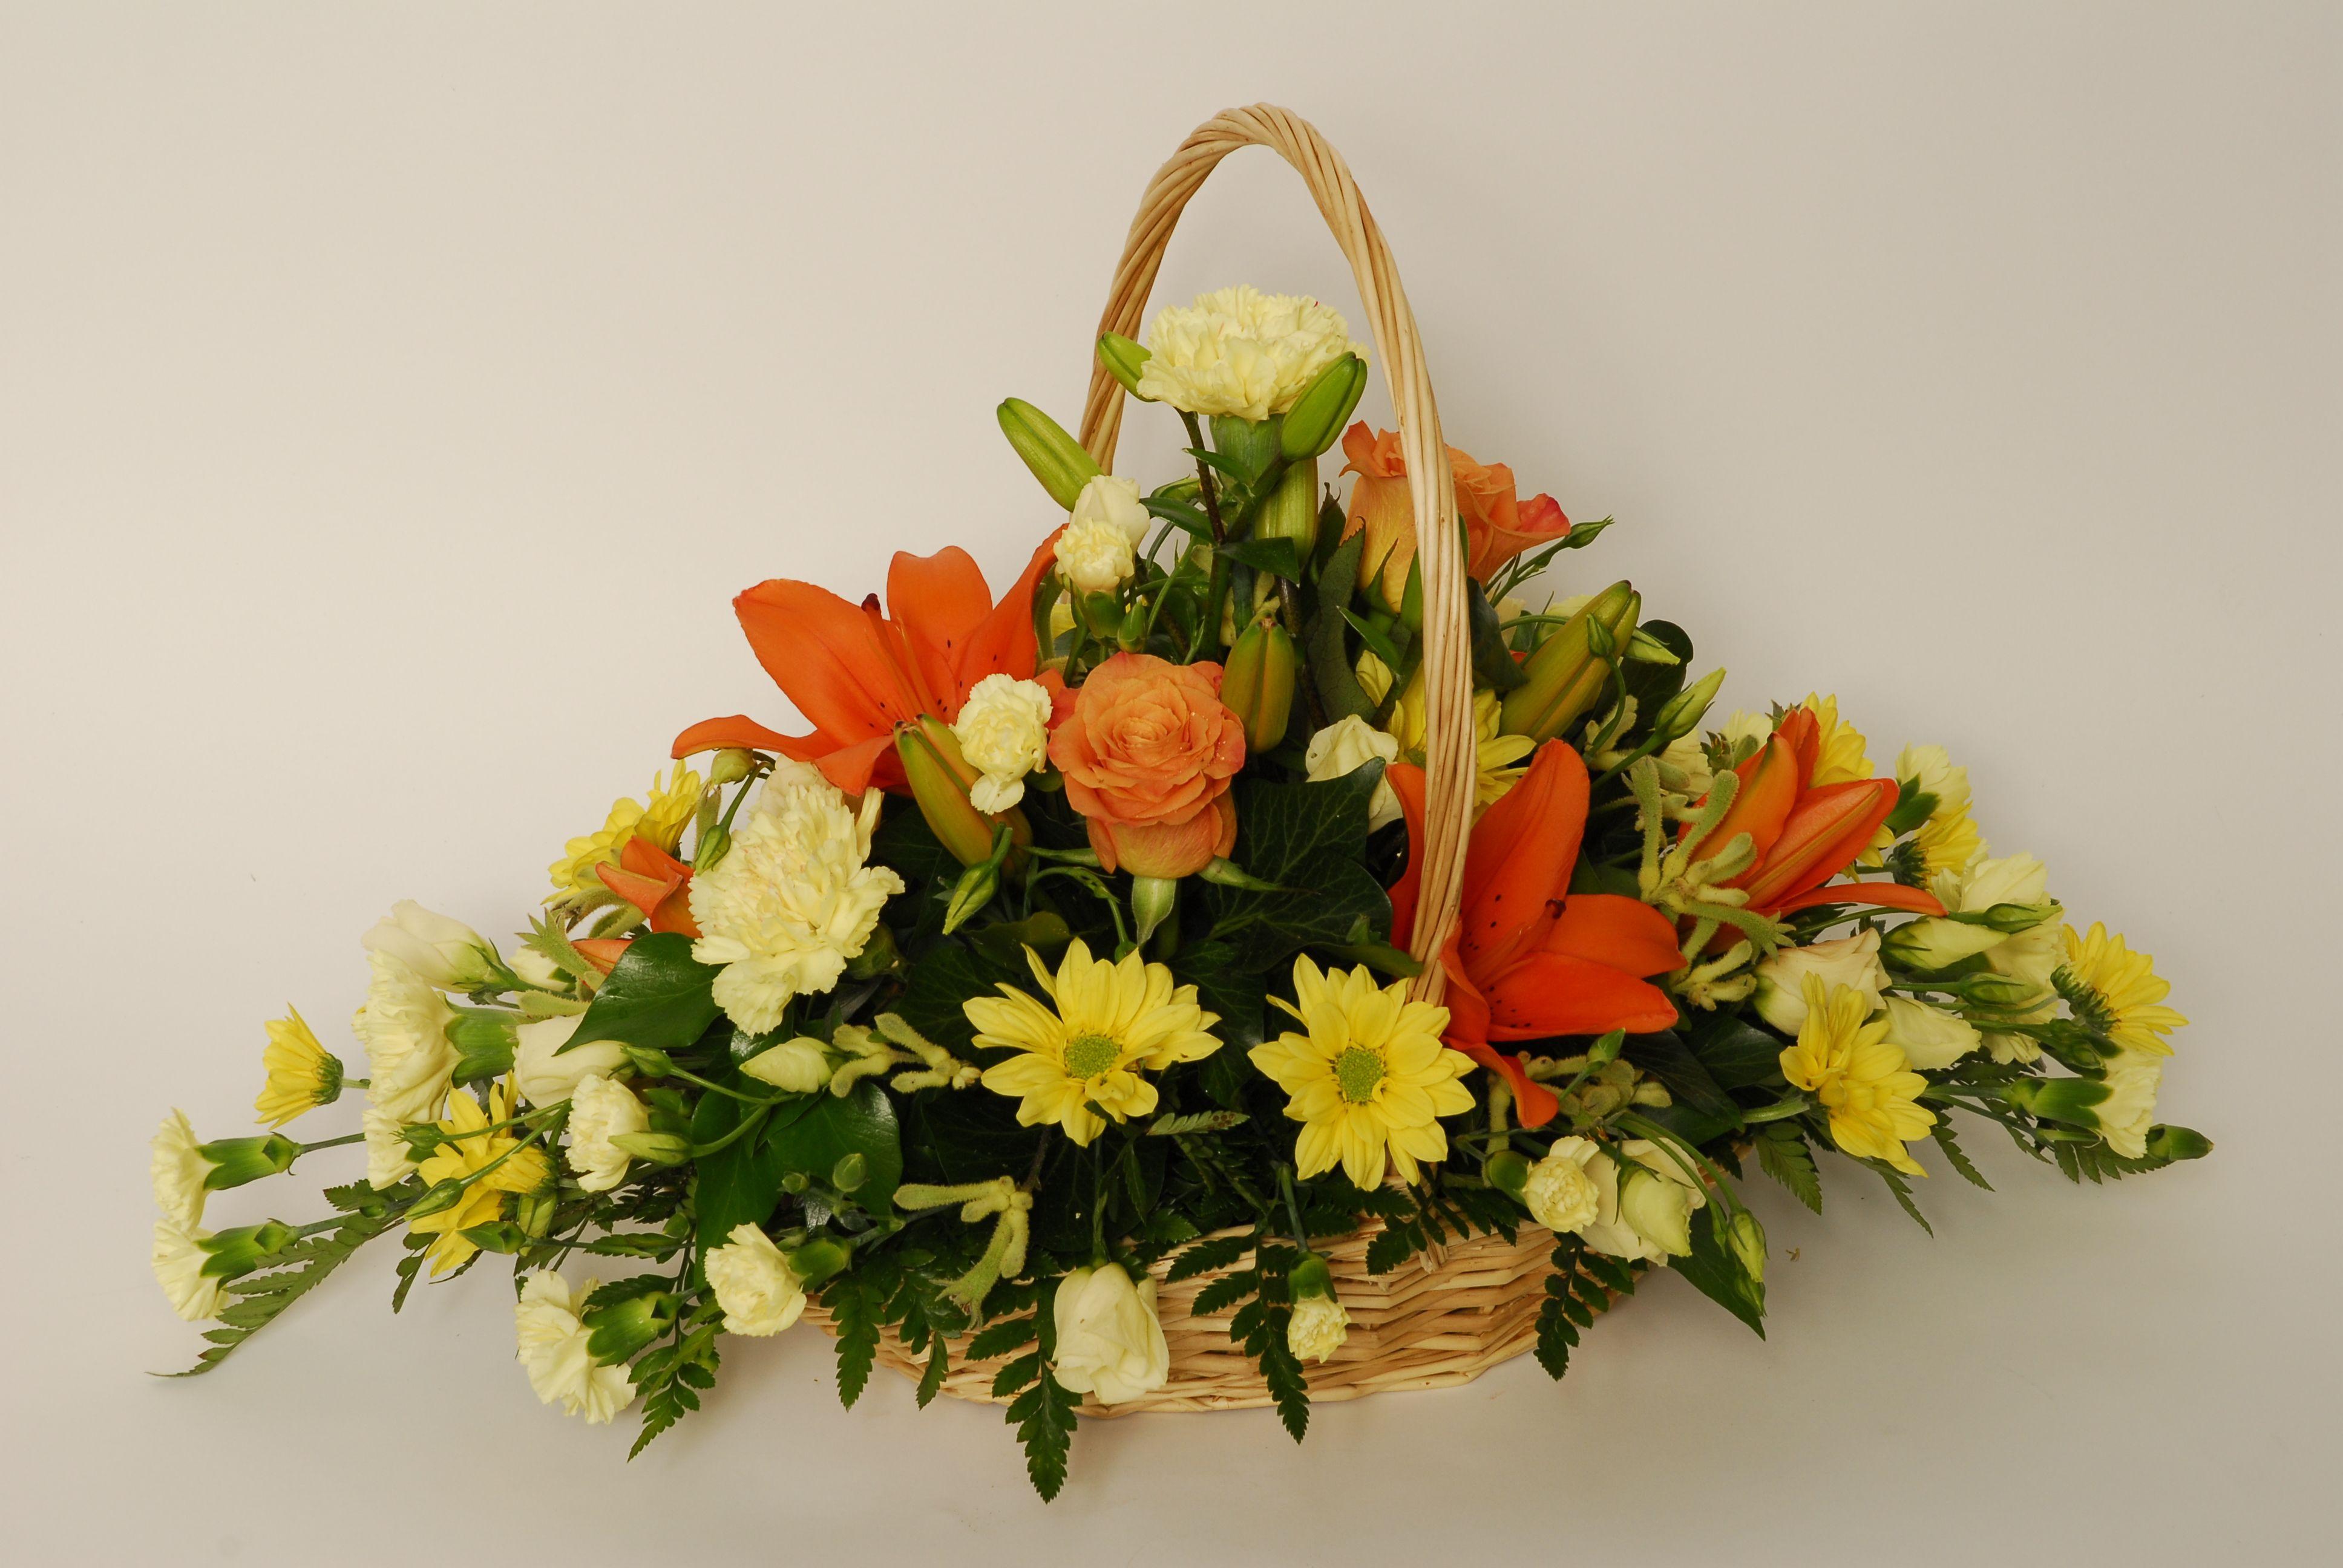 Pin by Sherlin Mani on Advanture Basket flower